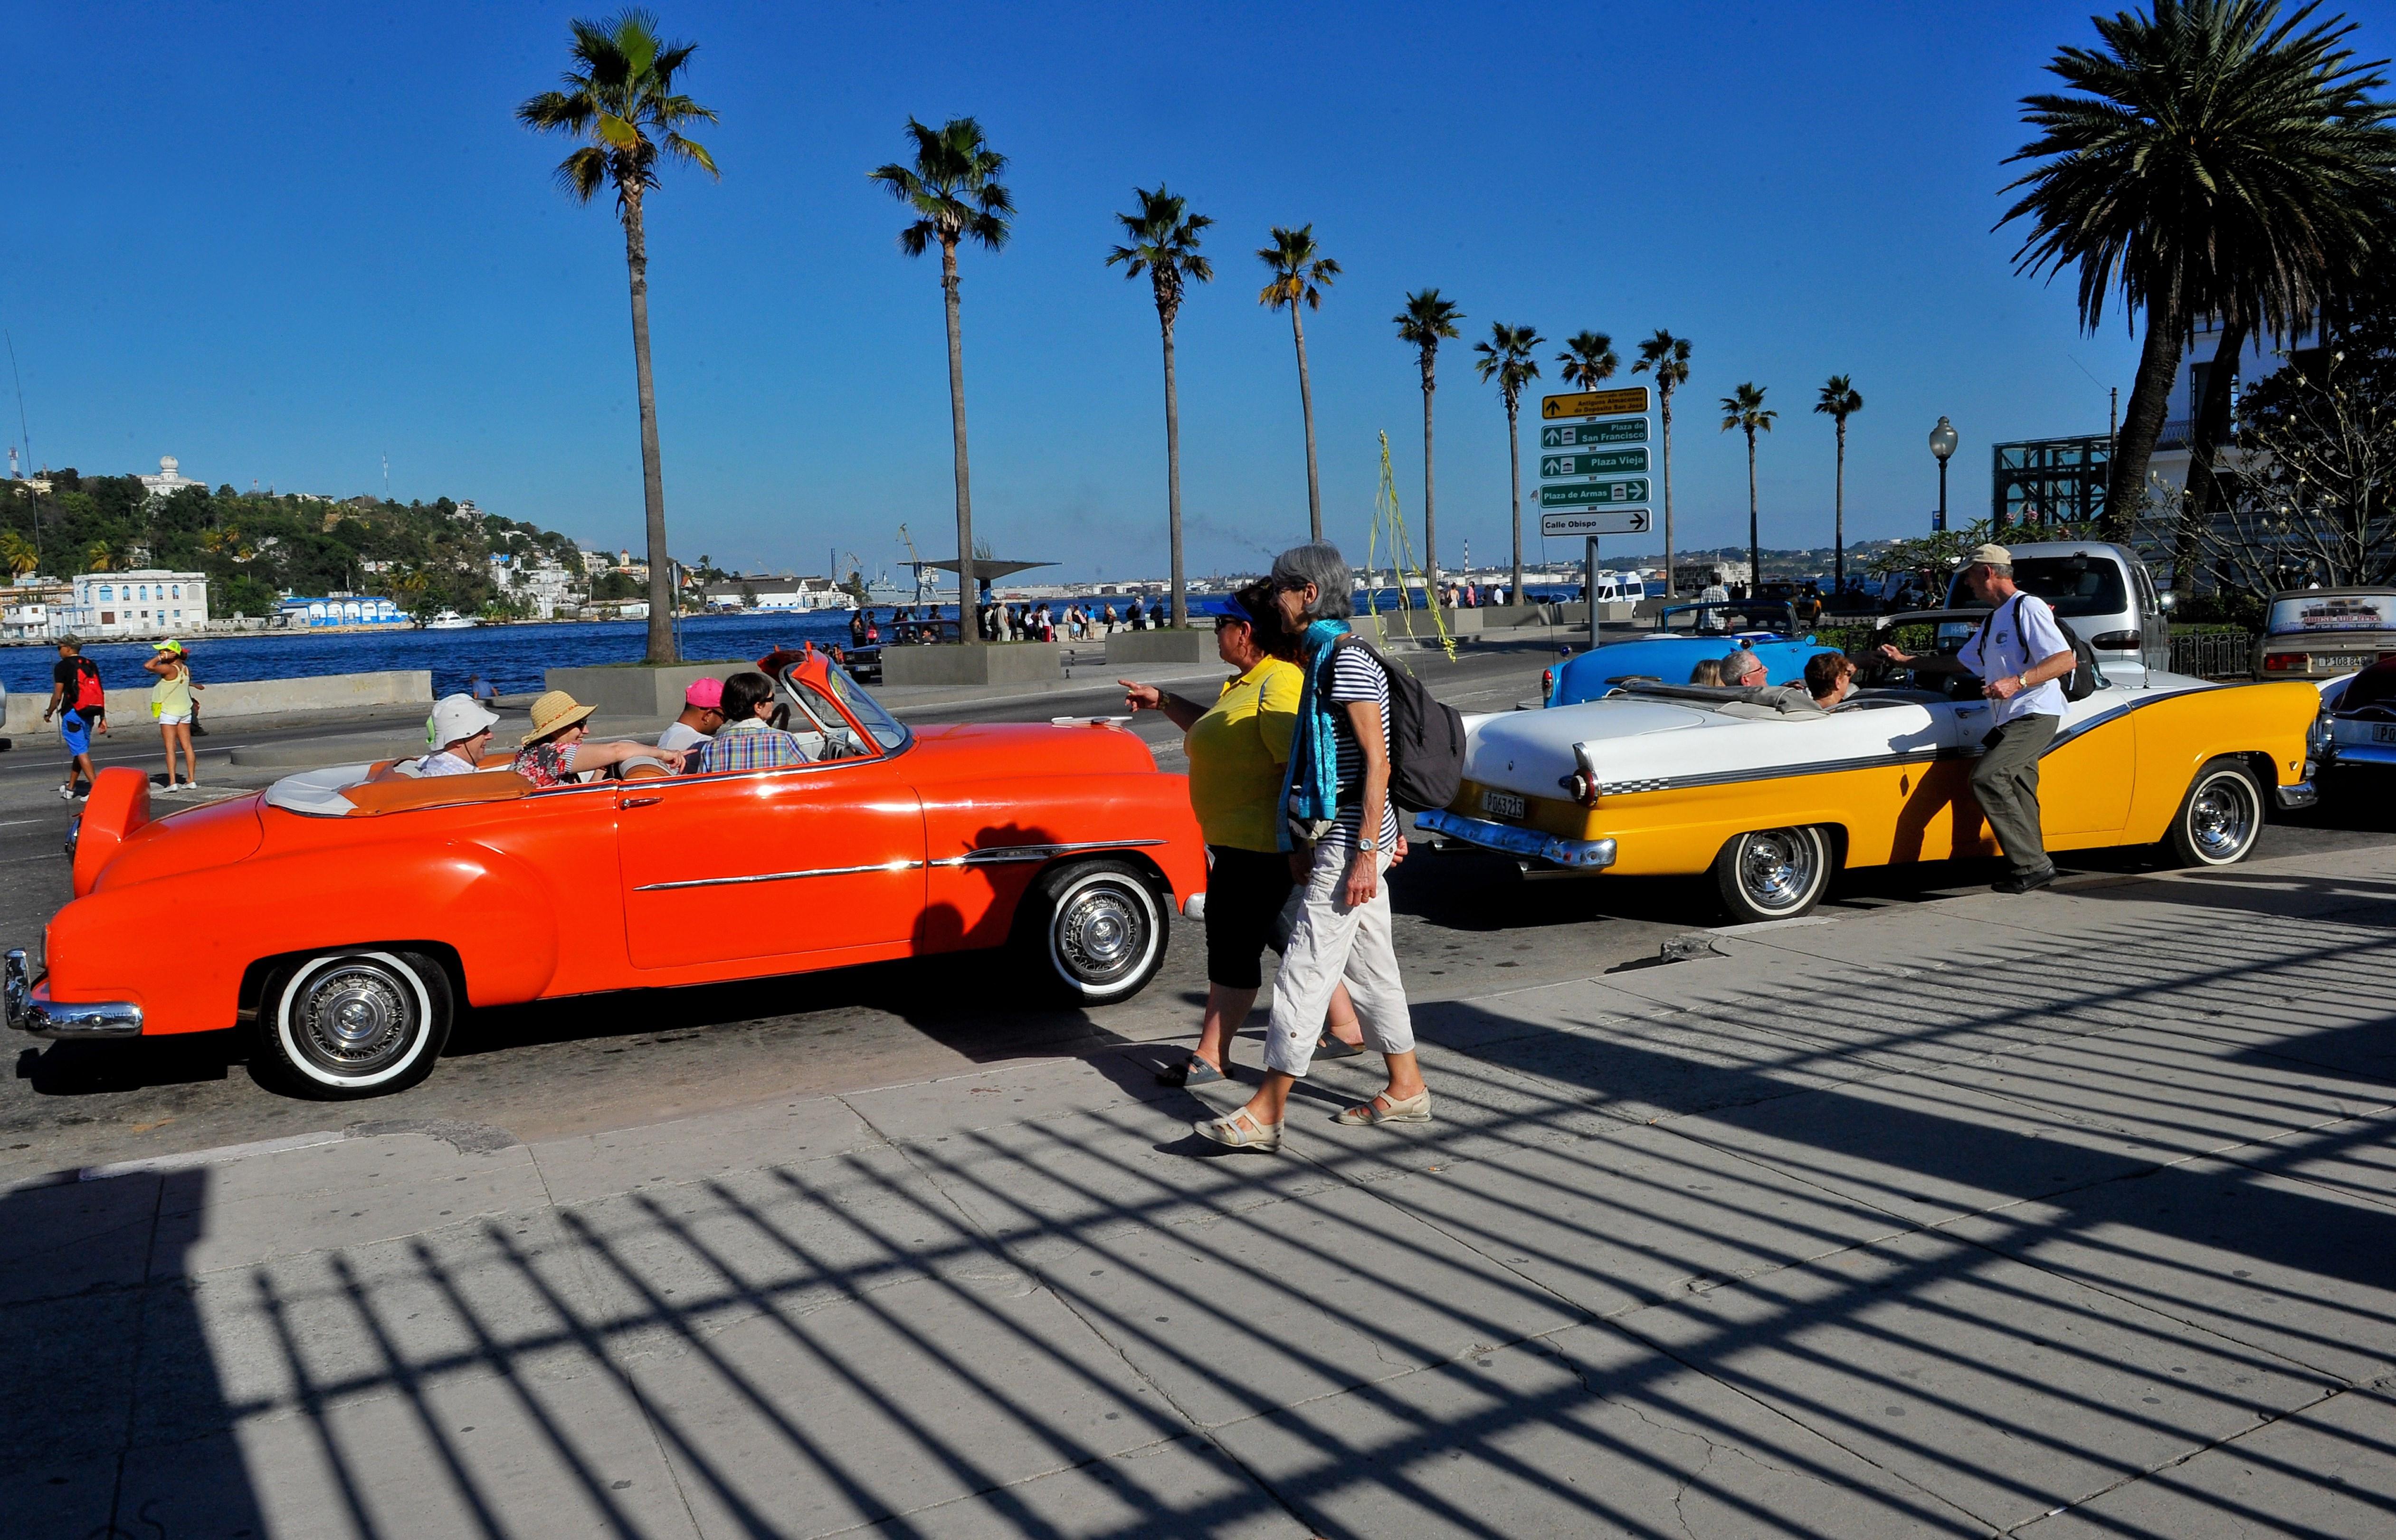 CUBA-US-TOURISM